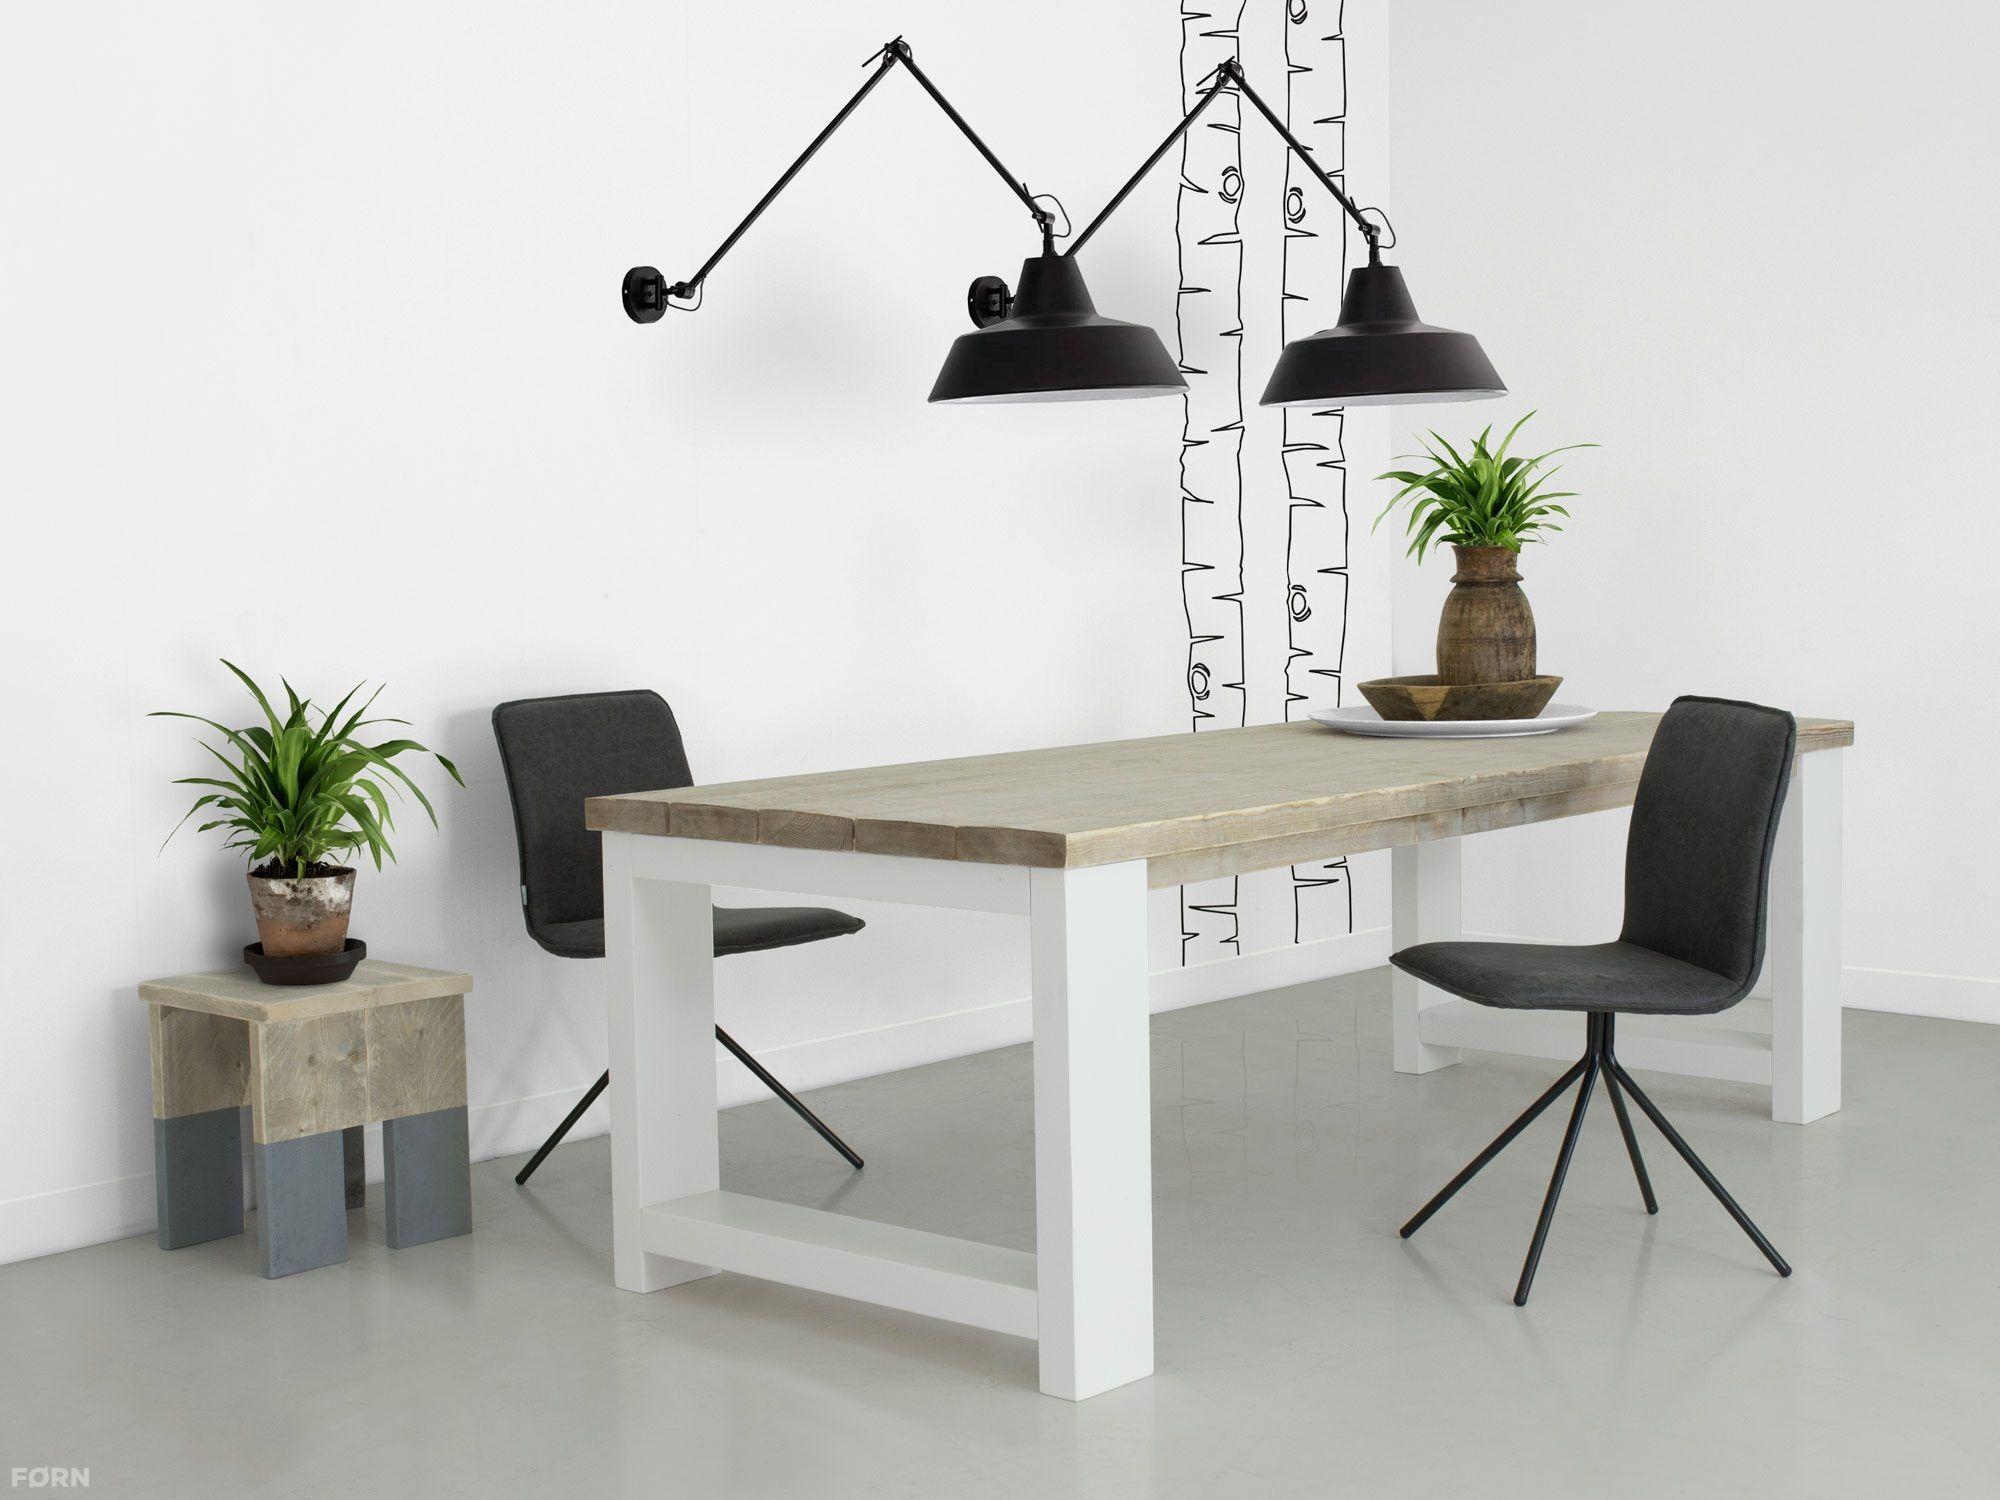 Deze steigerhouten tafel met dikke planken en wit onderstel past